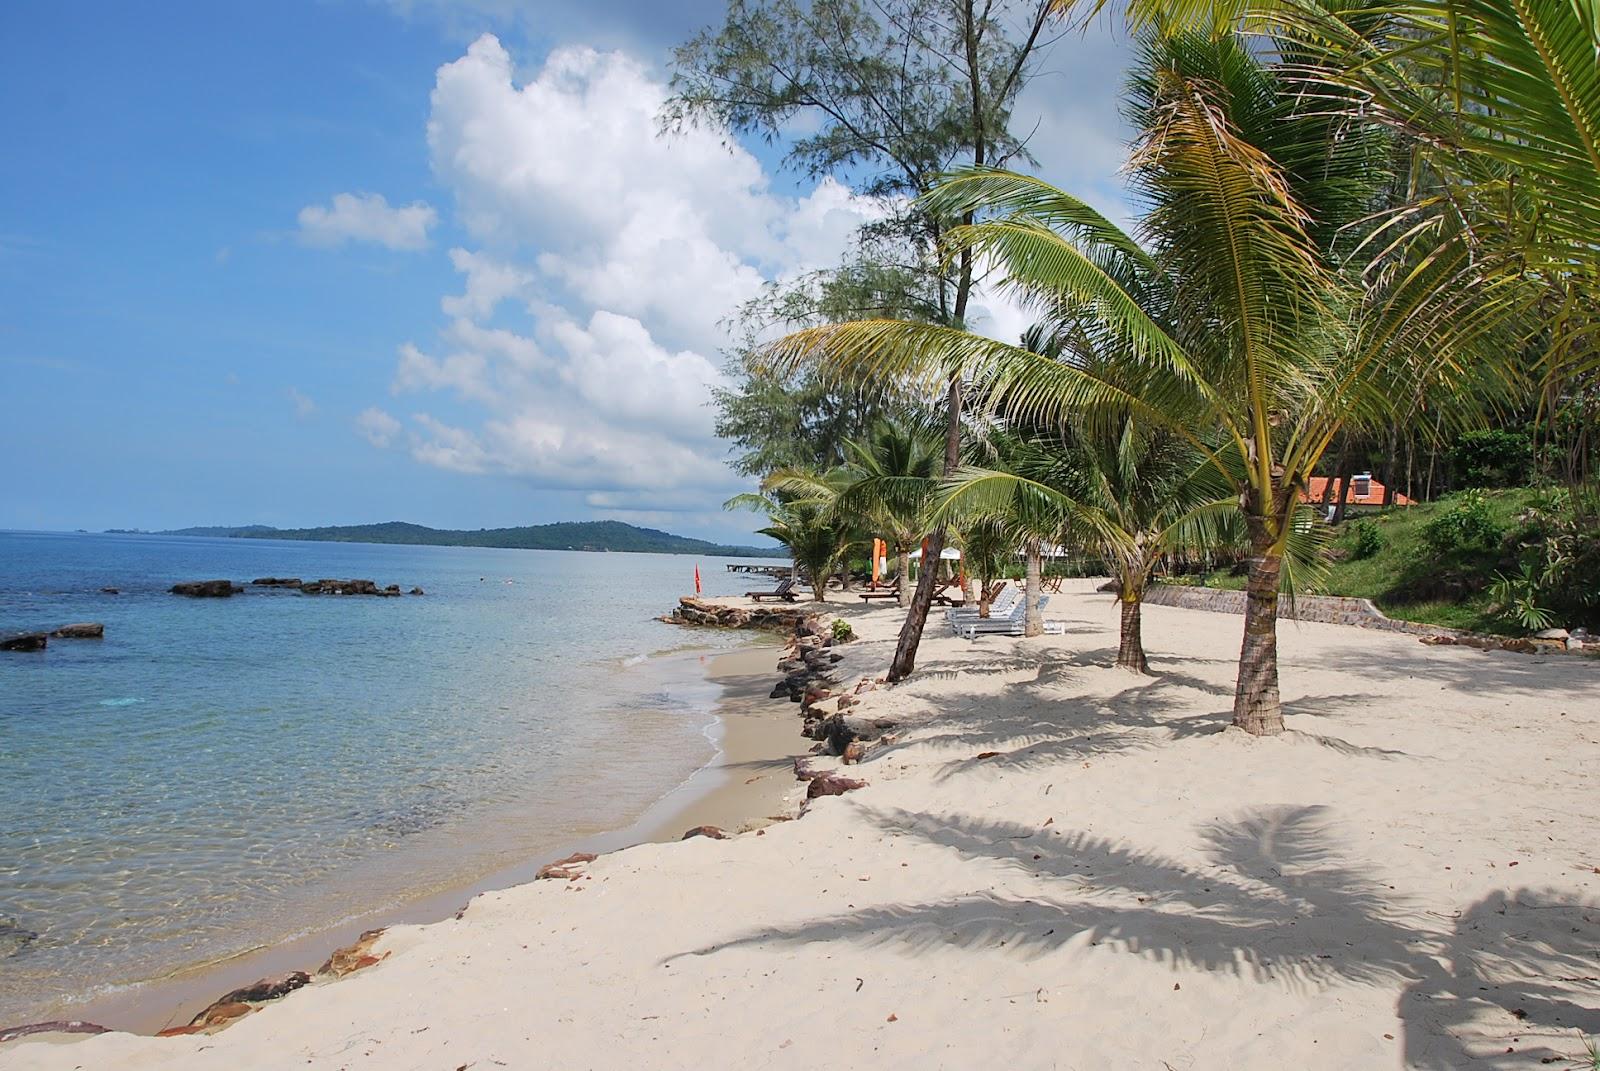 Bãi biển khu vực Bắc Đảo Phú Quốc